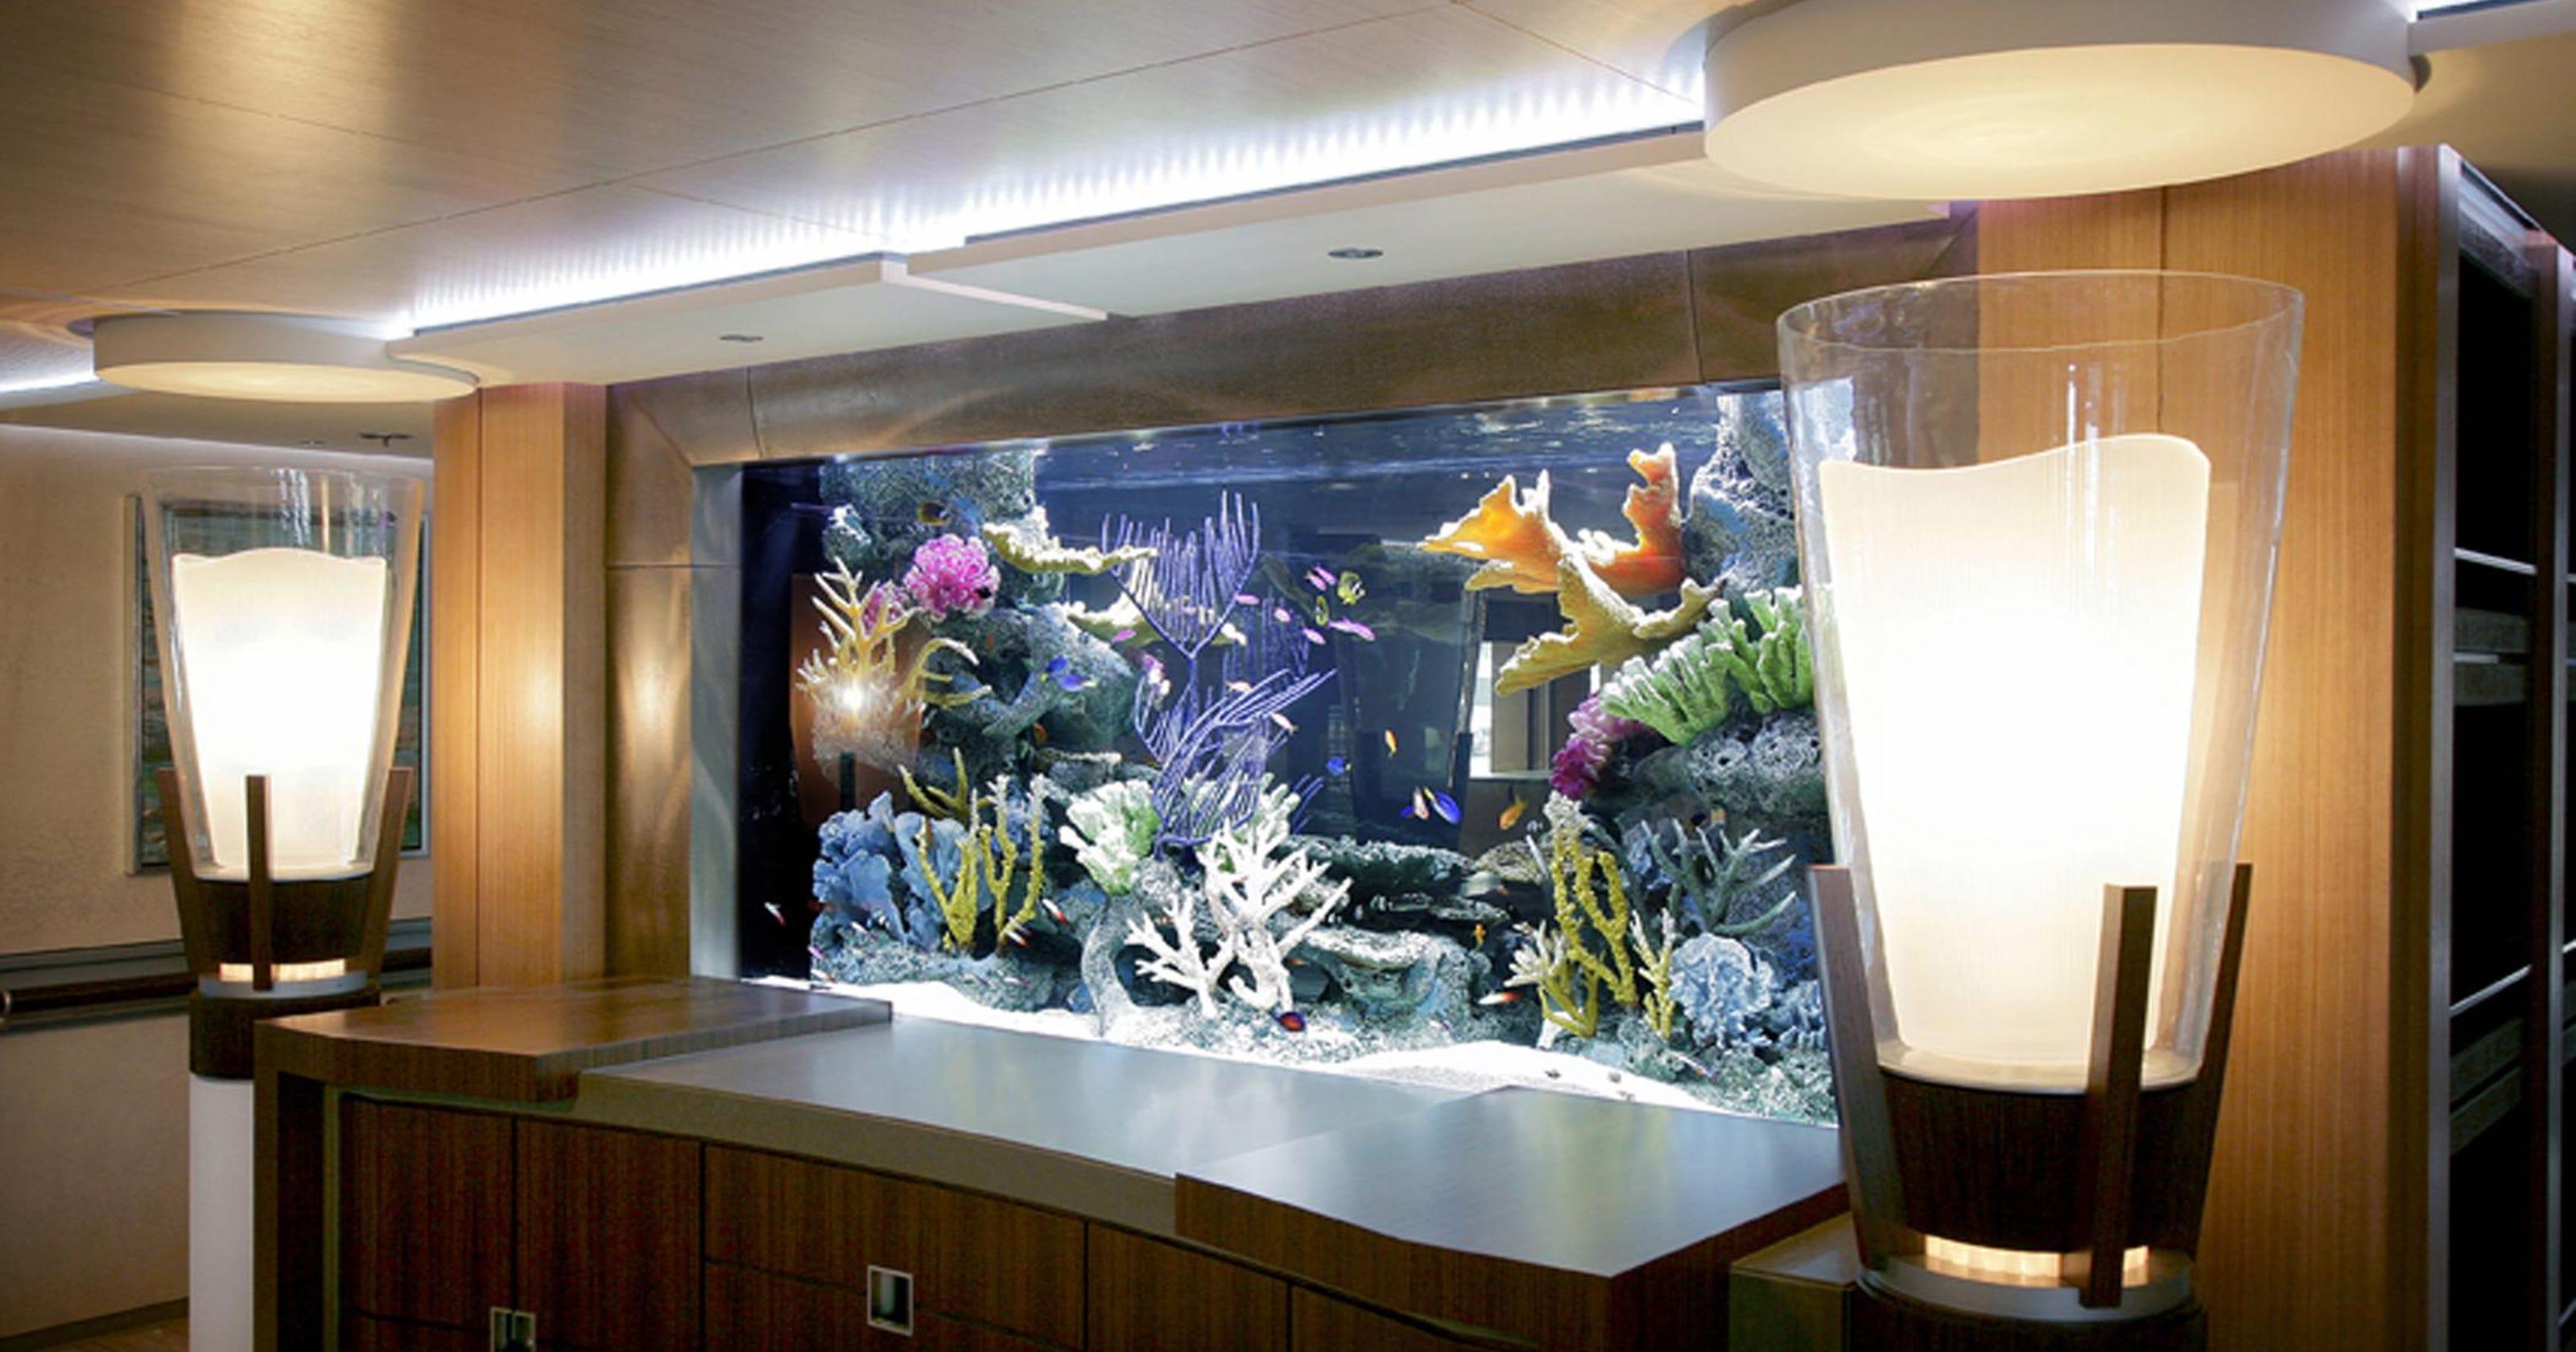 aquariums outreach team worked - 1000×667